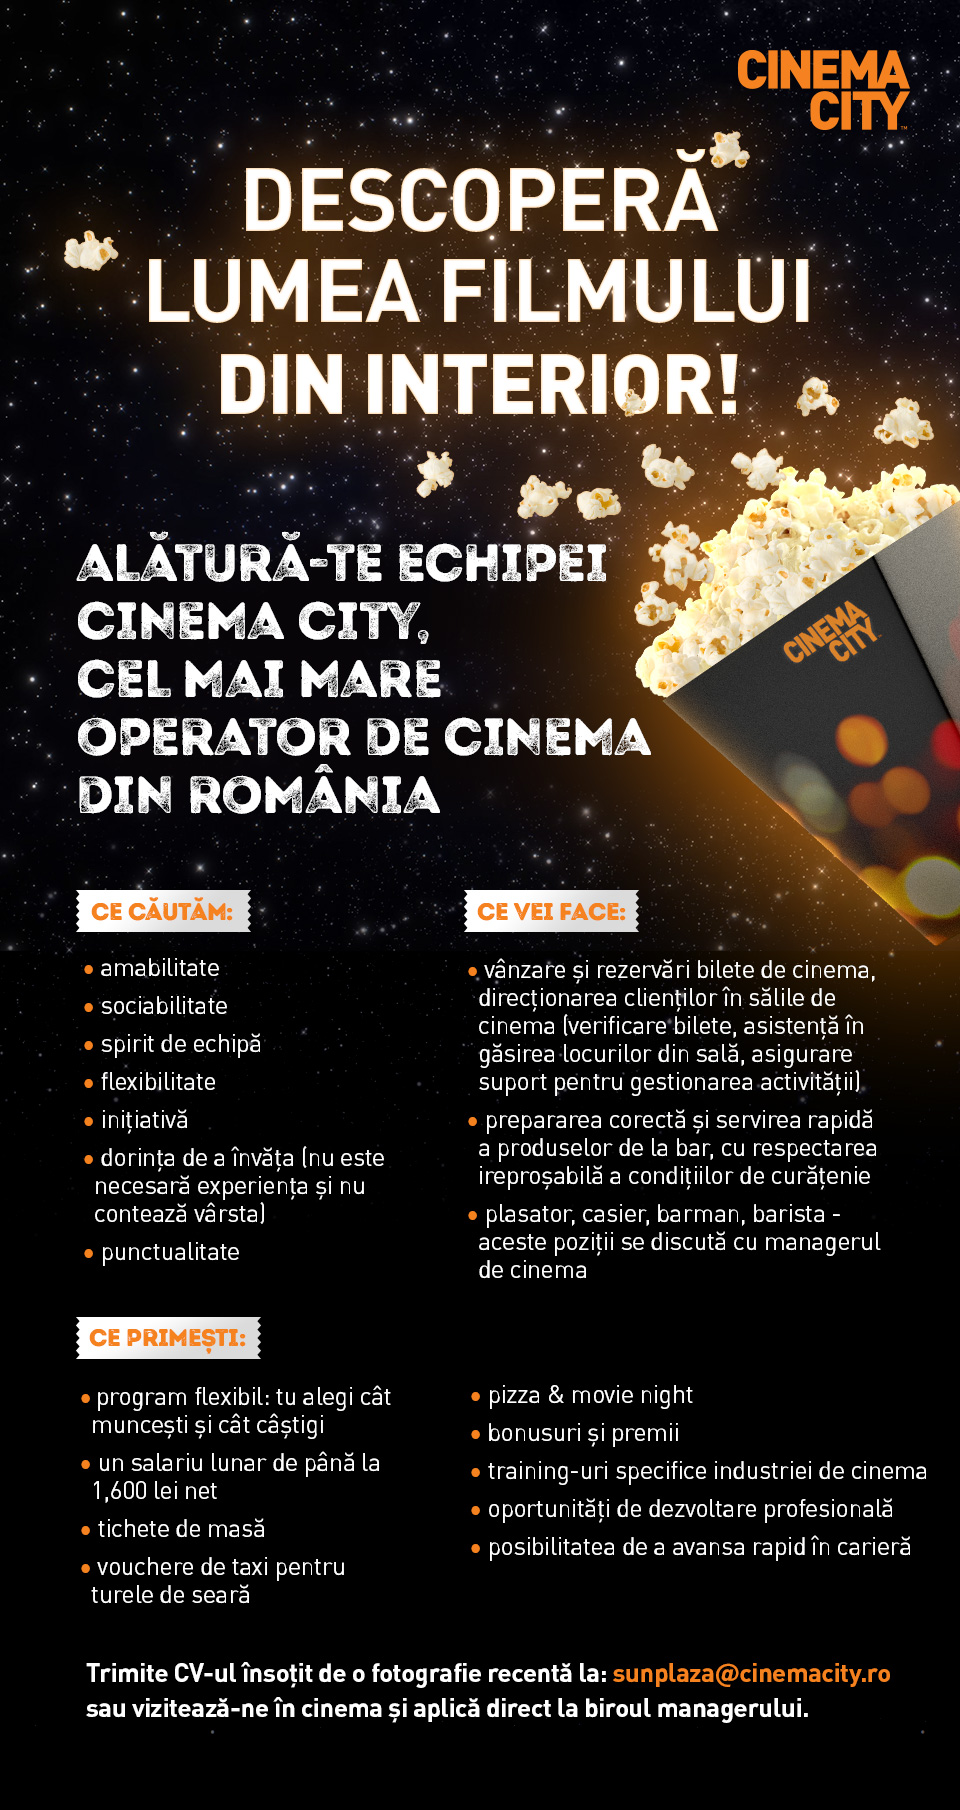 Descoperă lumea filmului din interior! Discover Movie World From Within!  Alătură-te echipei Cinema City, cel mai mare operator de cinema din România, parte din Cineworld, al doilea mare lanț de cinematografe din lume! Join Cinema City team, Romania's largest cinema operator, part of Cineworld, 2nd biggest cinema chain in the world!  Ne dorim să fim cel mai bun loc unde se vizionează filmele și suntem primii care aducem cele mai noi producții, tehnologii de ultimă generație și cele mai spectaculoase formate, precum IMAX, 4DX, VIP. În România, Cinema City are 26 de multiplexuri, cu un total de 237 de săli, în 19 oraşe din ţară. We aim at being the best place to watch a movie while being proud to be the first to bring you the latest technologies and most spectacular cinema formats like IMAX, 4DX, VIP. In Romania, Cinema City operates 26 multiplexes with 237 screens in 19 cities.  Ce căutăm: - amabilitate - sociabilitate - spirit de echipă - flexibilitate - inițiativă - dorința de a învăța (nu este necesară experiența și nu contează vârsta) - punctualitate What are we looking: Obligigness Good fellowship Teamspirit Flexibility Initiative Willingness to learn (experience not needed, age doesn't matter) Premptitude Stress resistance Ce vei face: - vânzare și rezervări bilete de cinema, direcționarea clienților în sălile de cinema (verificare bilete, asistență în găsirea locurilor din sală, asigurare suport pentru gestionarea activității) - prepararea corectă și servirea rapidă și a produselor de la bar, cu respectarea ireproșabilă a condițiilor de curățenie - plasator, casier, barman, barista – aceste poziții se discută cu managerul de cinema  What you will do: sell and reserve tickets, guide customers in cinema halls (checking cinema tickets, assisting customers in finding seats and helping mantain clean facilities, such as lobbies, concession stands, hallways and auditoriums) prepare and serve bar products with fast and friendly service in a clean and well mantained en